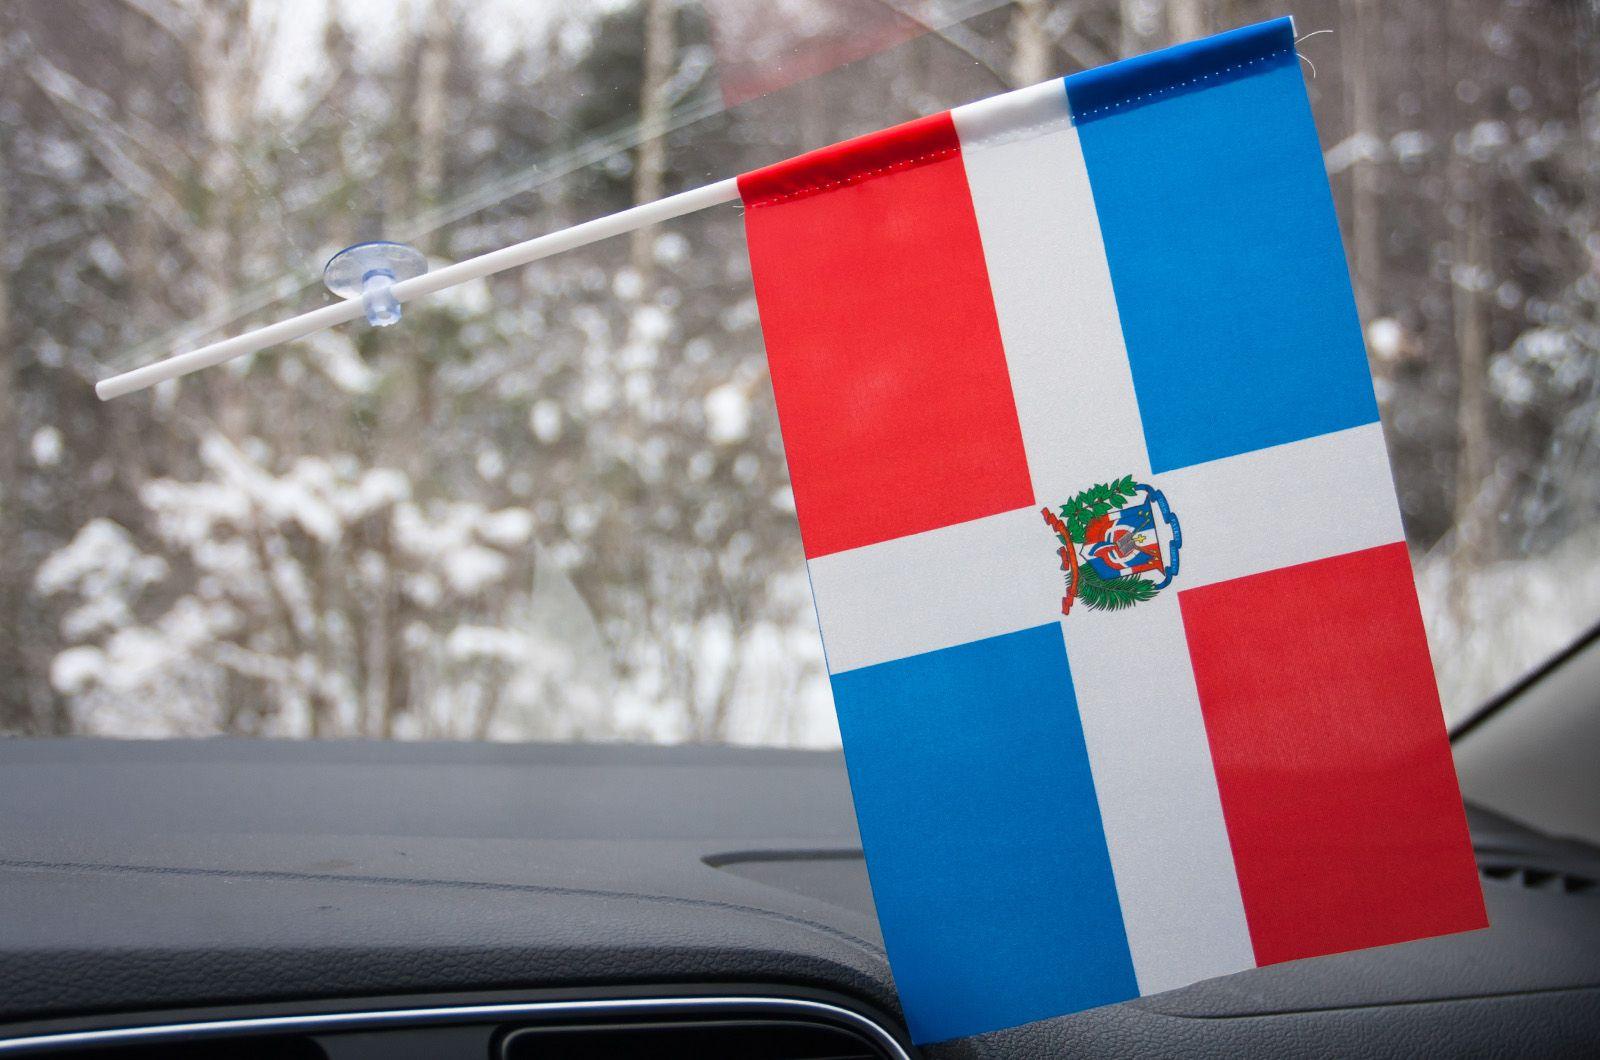 Флажок Доминиканской республики в машину